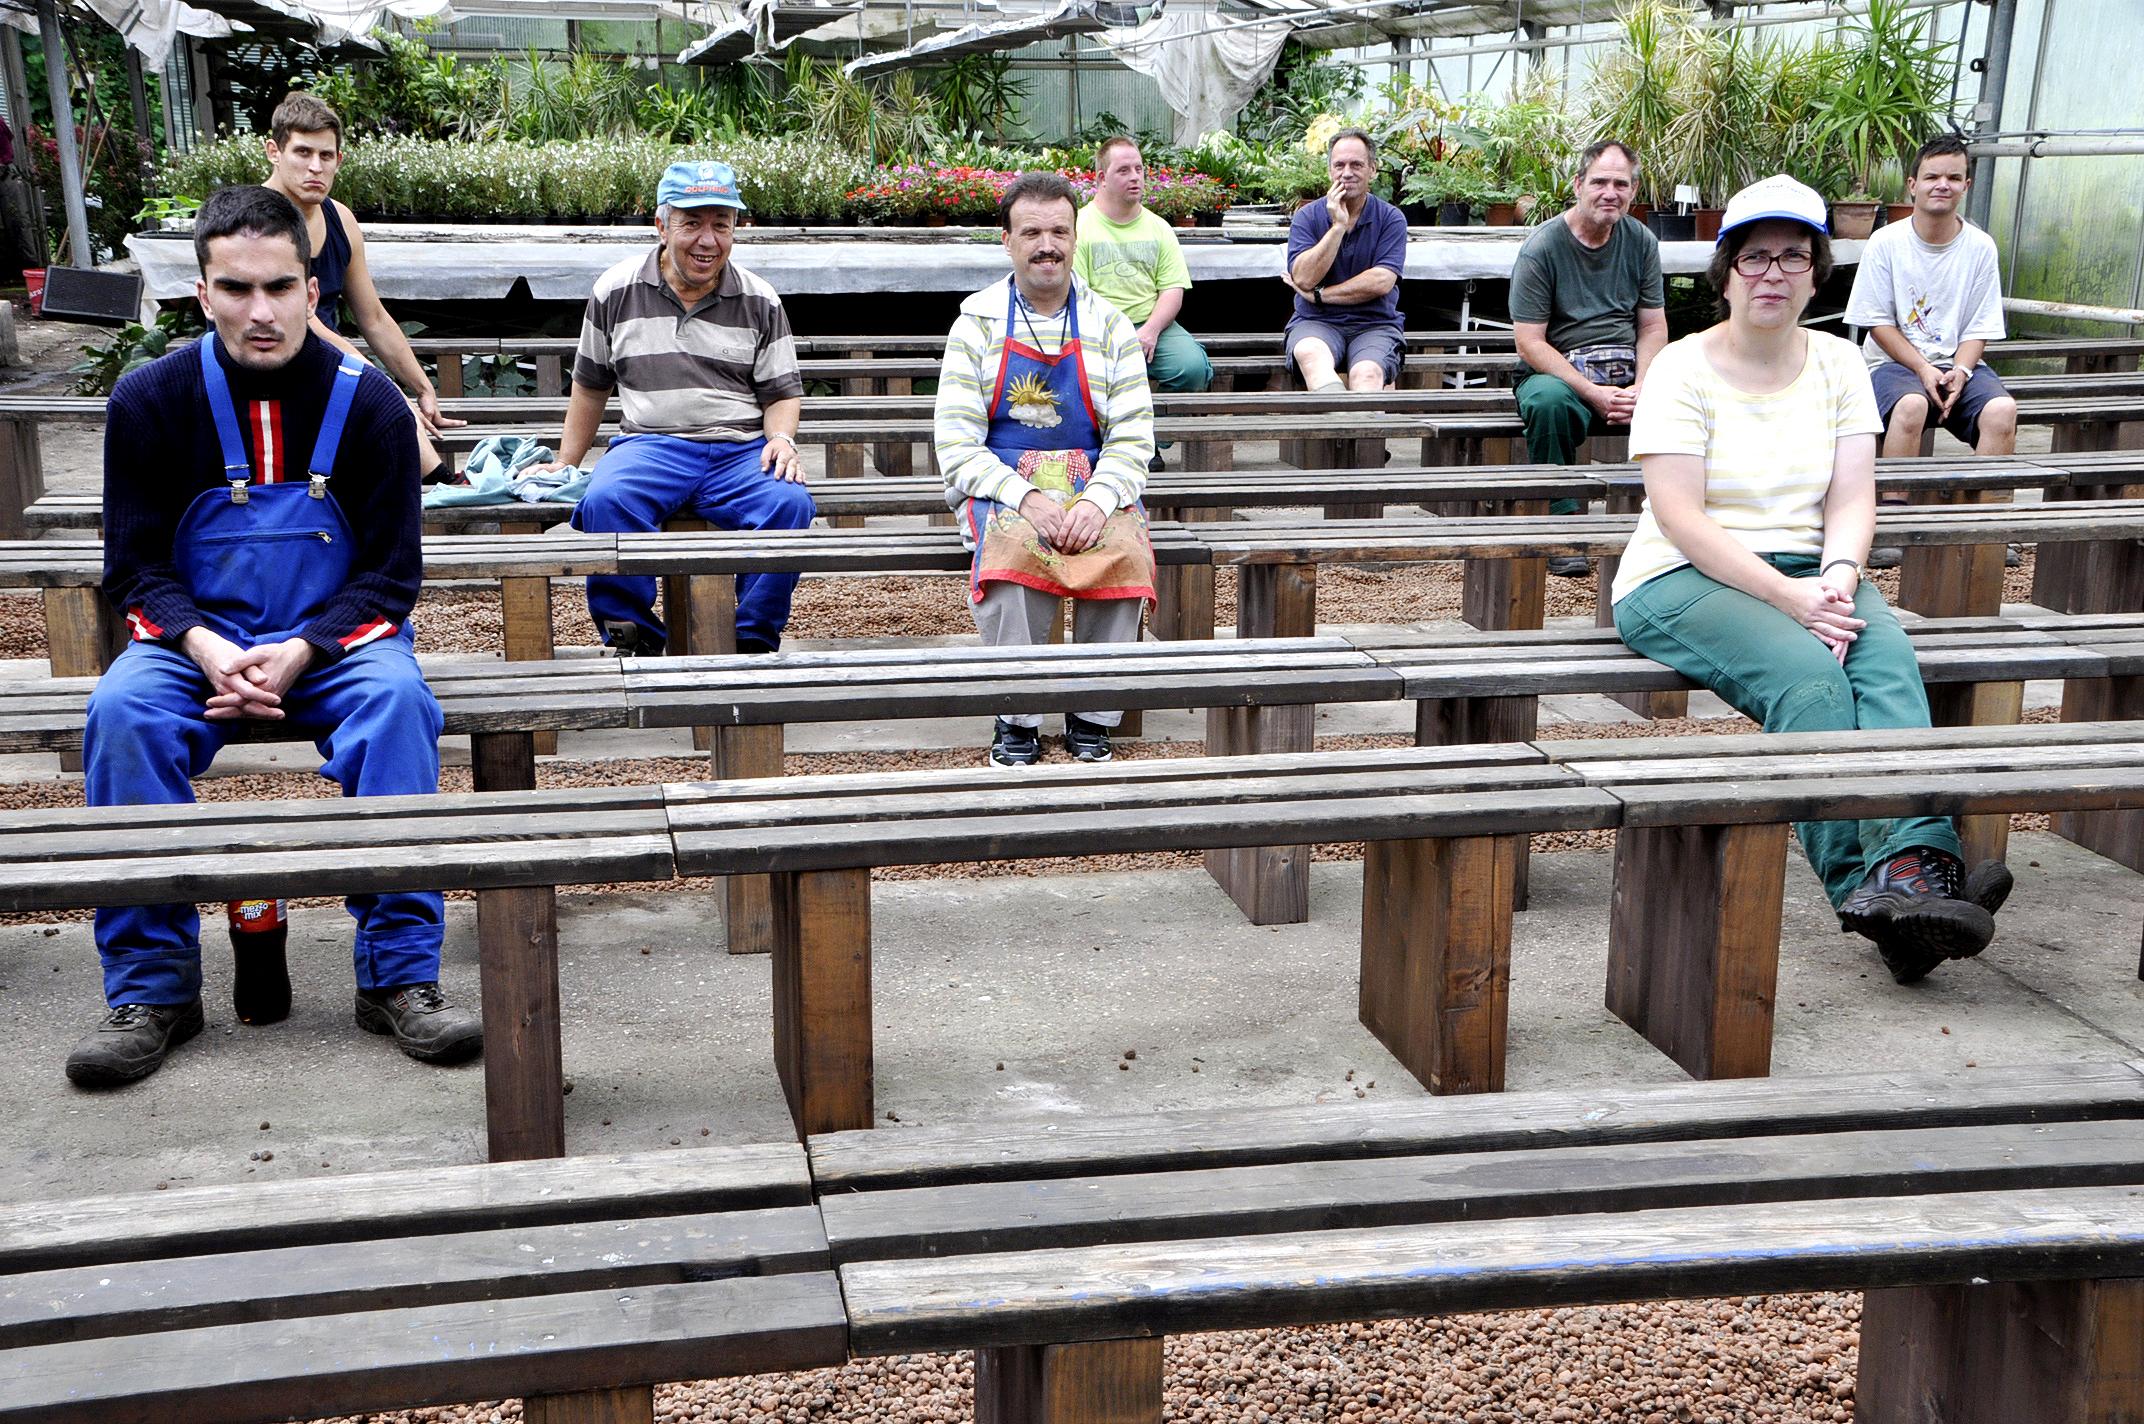 Gartenmobel Bei Tchibo :  Darmstadt Schrank aus kunststoff Gartenmoebel gartendeko